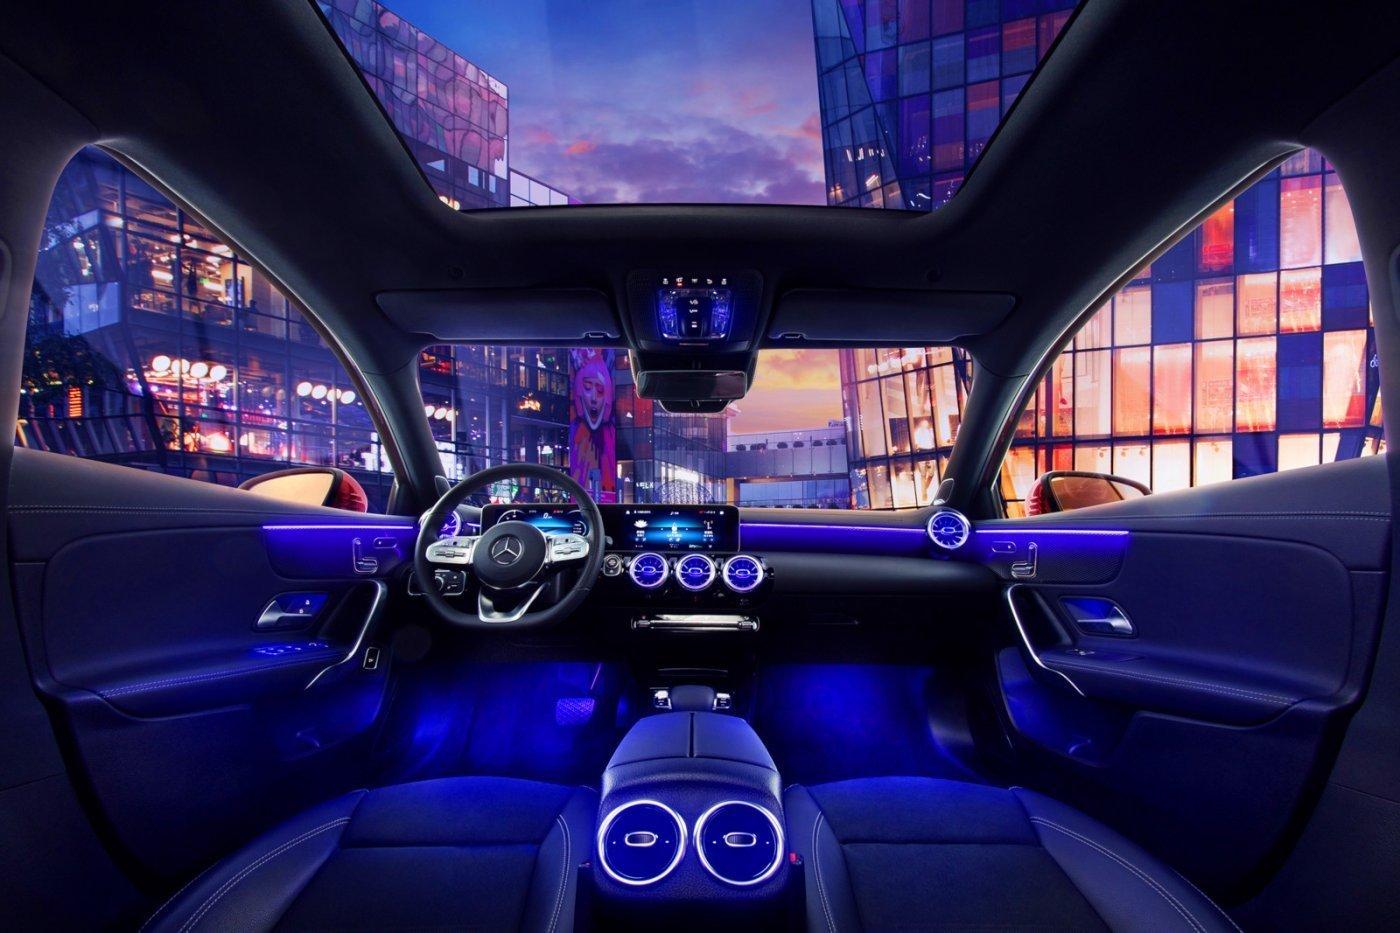 Hogyan keress pénzt az autóddal?! | ZAOL